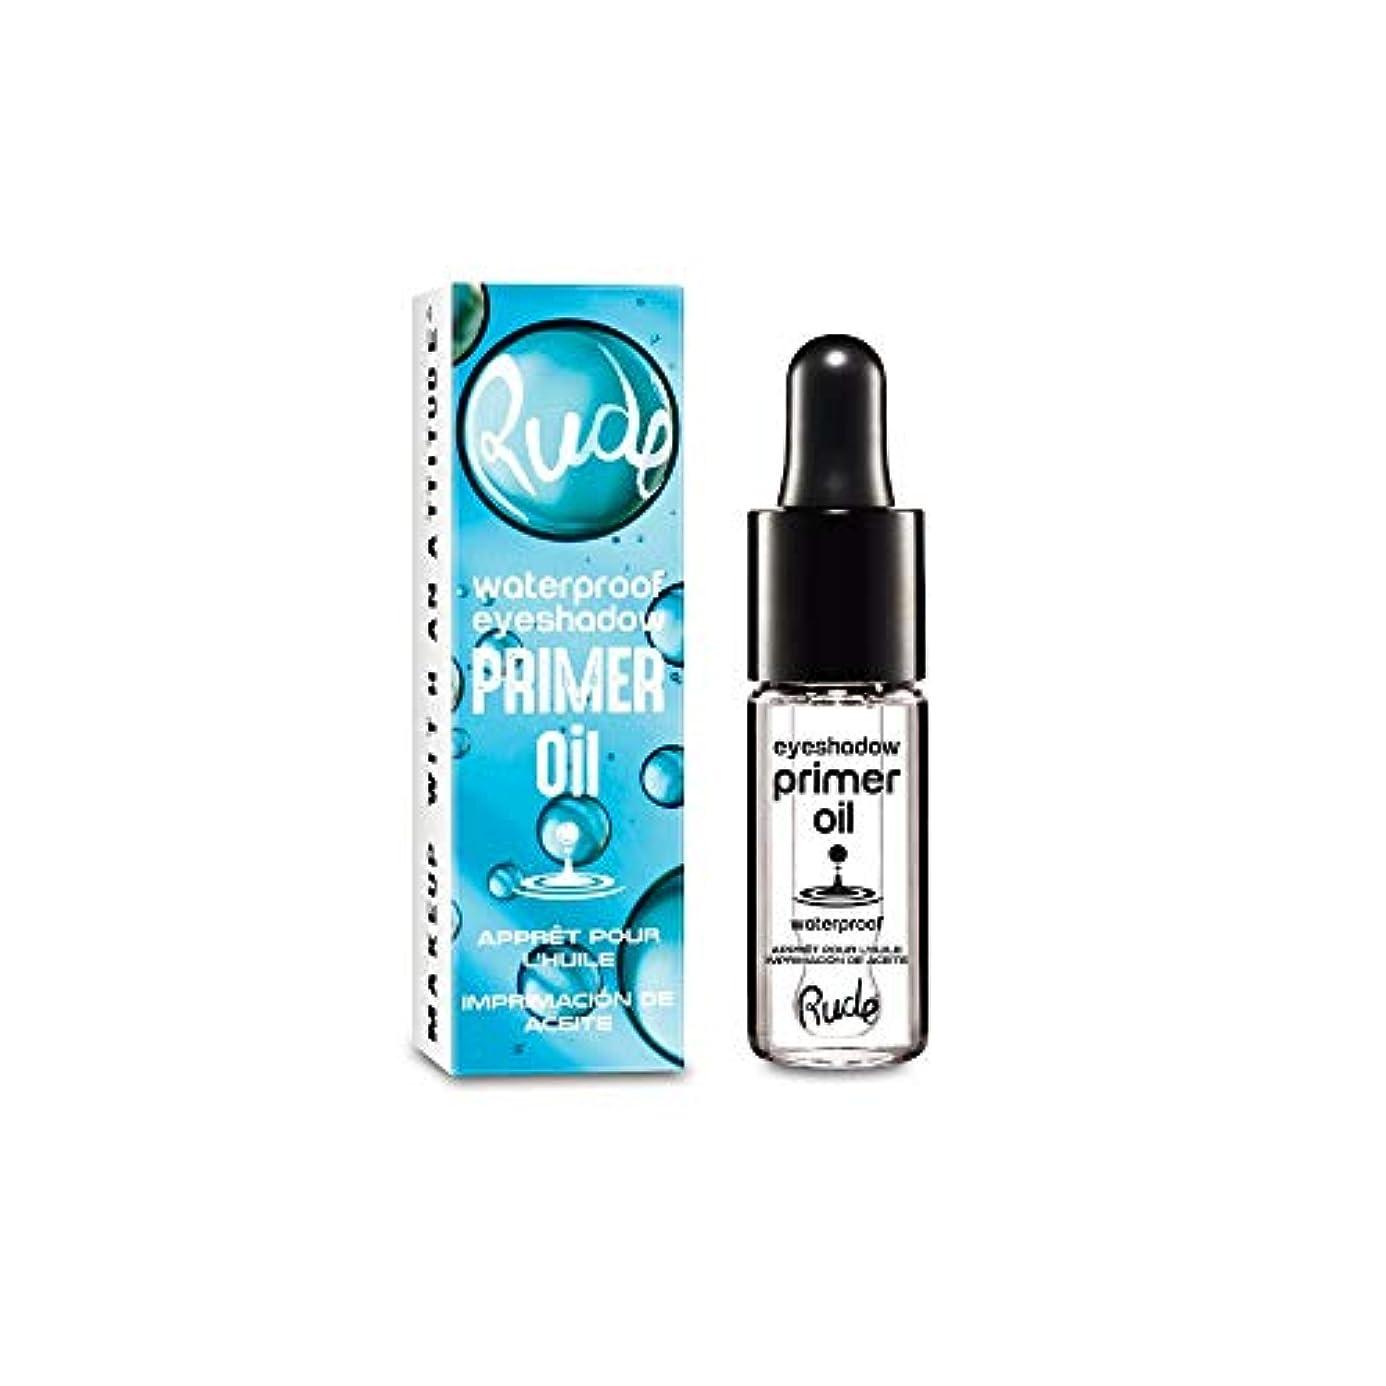 薬用チューブ驚き(6 Pack) RUDE Waterproof Eyeshadow Primer Oil (並行輸入品)